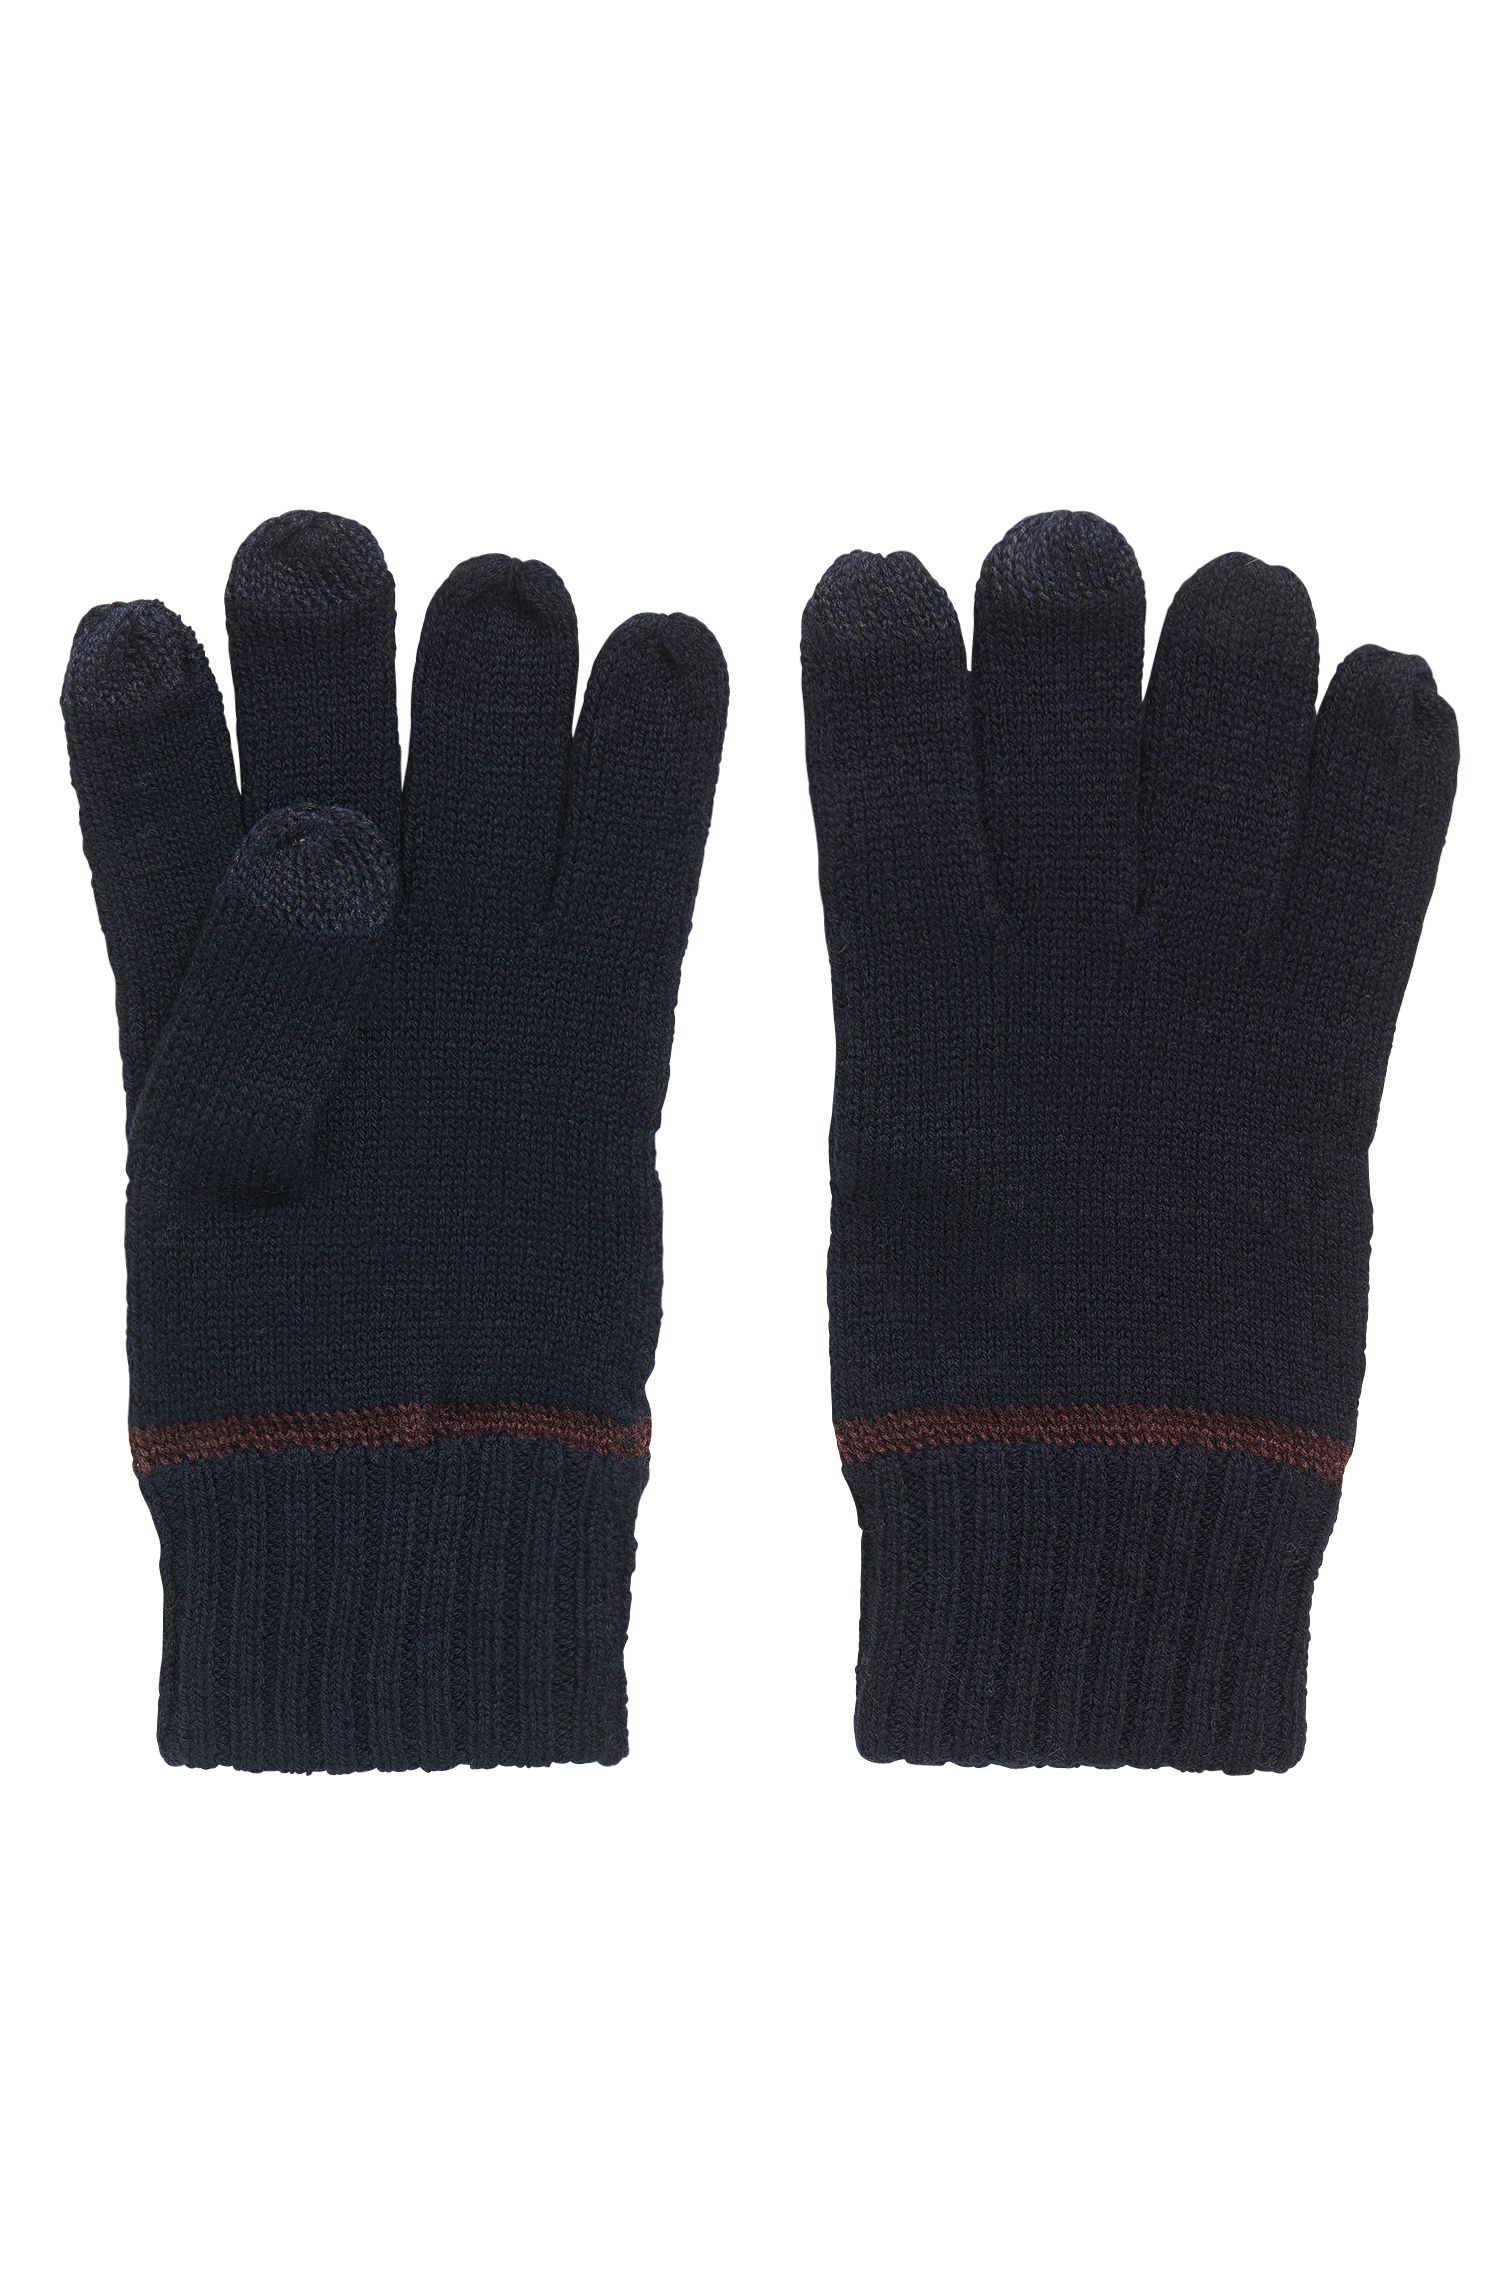 Handschoenen van een wolmix met touchscreen-functionaliteit